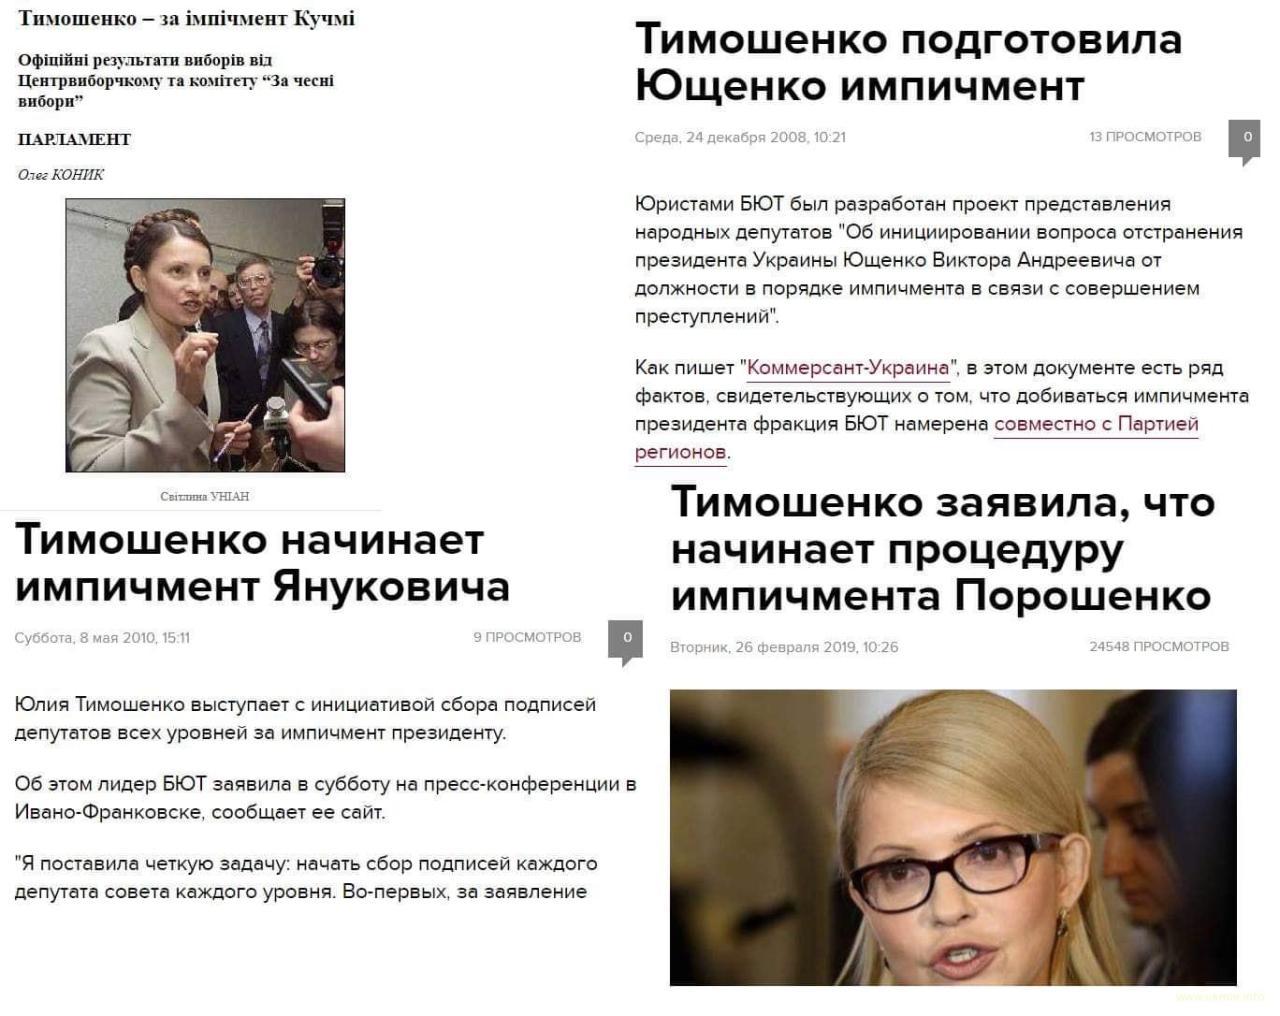 Детективи НАБУ розпочали досудове розслідування за матеріалами журналістів Bihus.Info - Цензор.НЕТ 9344